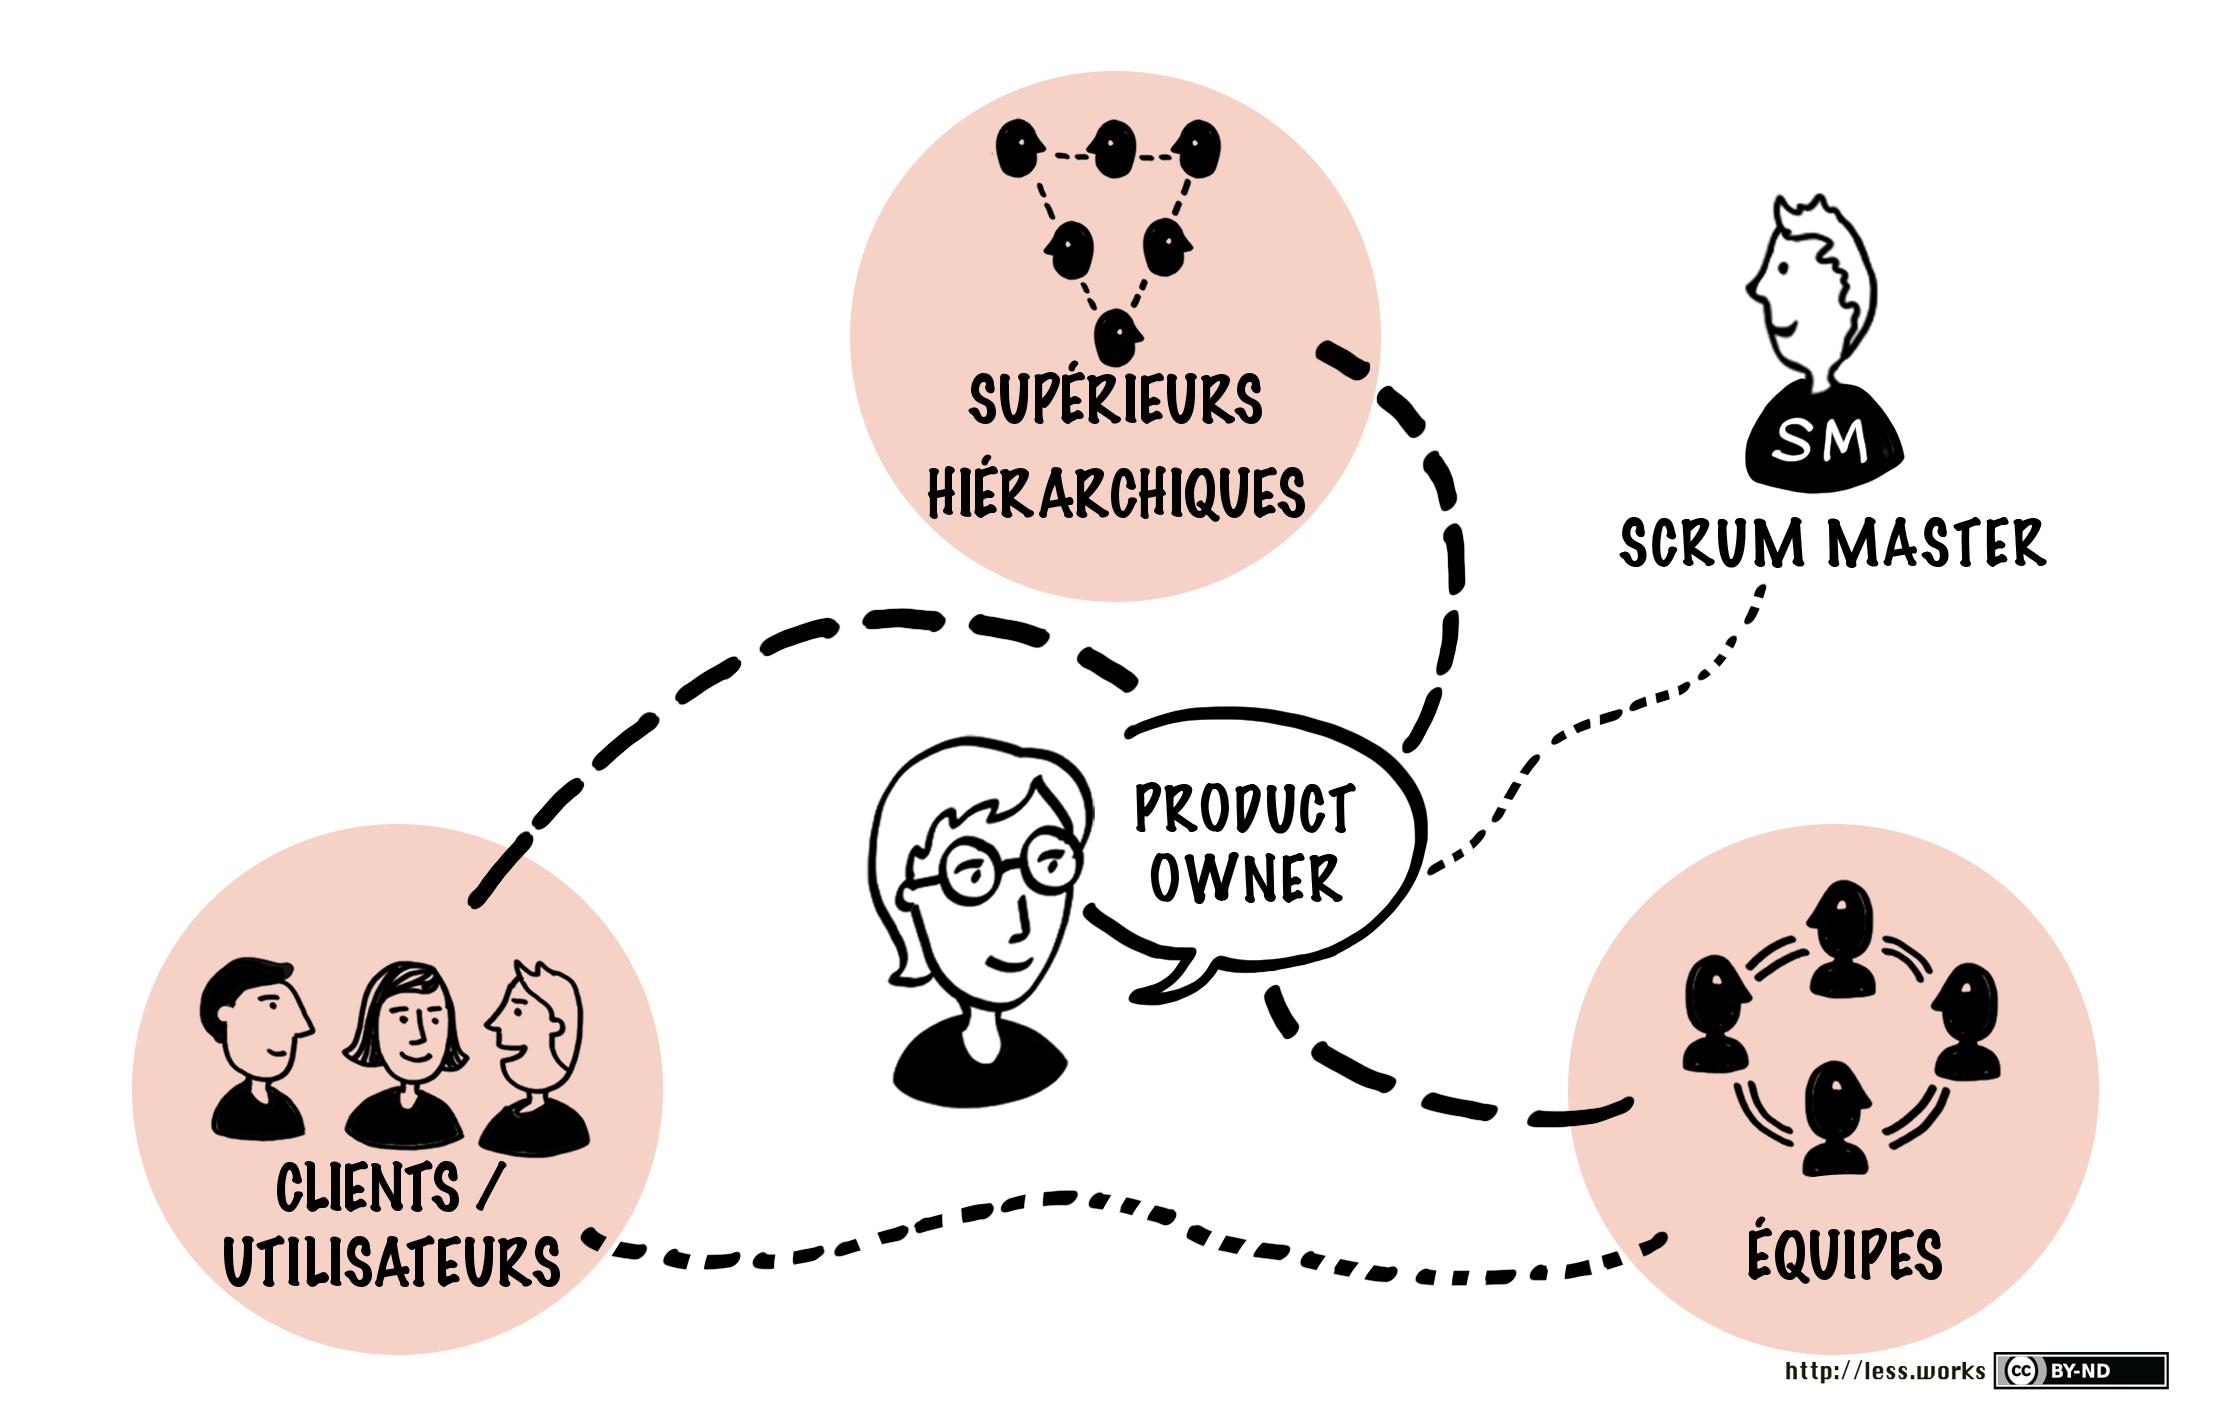 Les différents types de relation du Product Owner